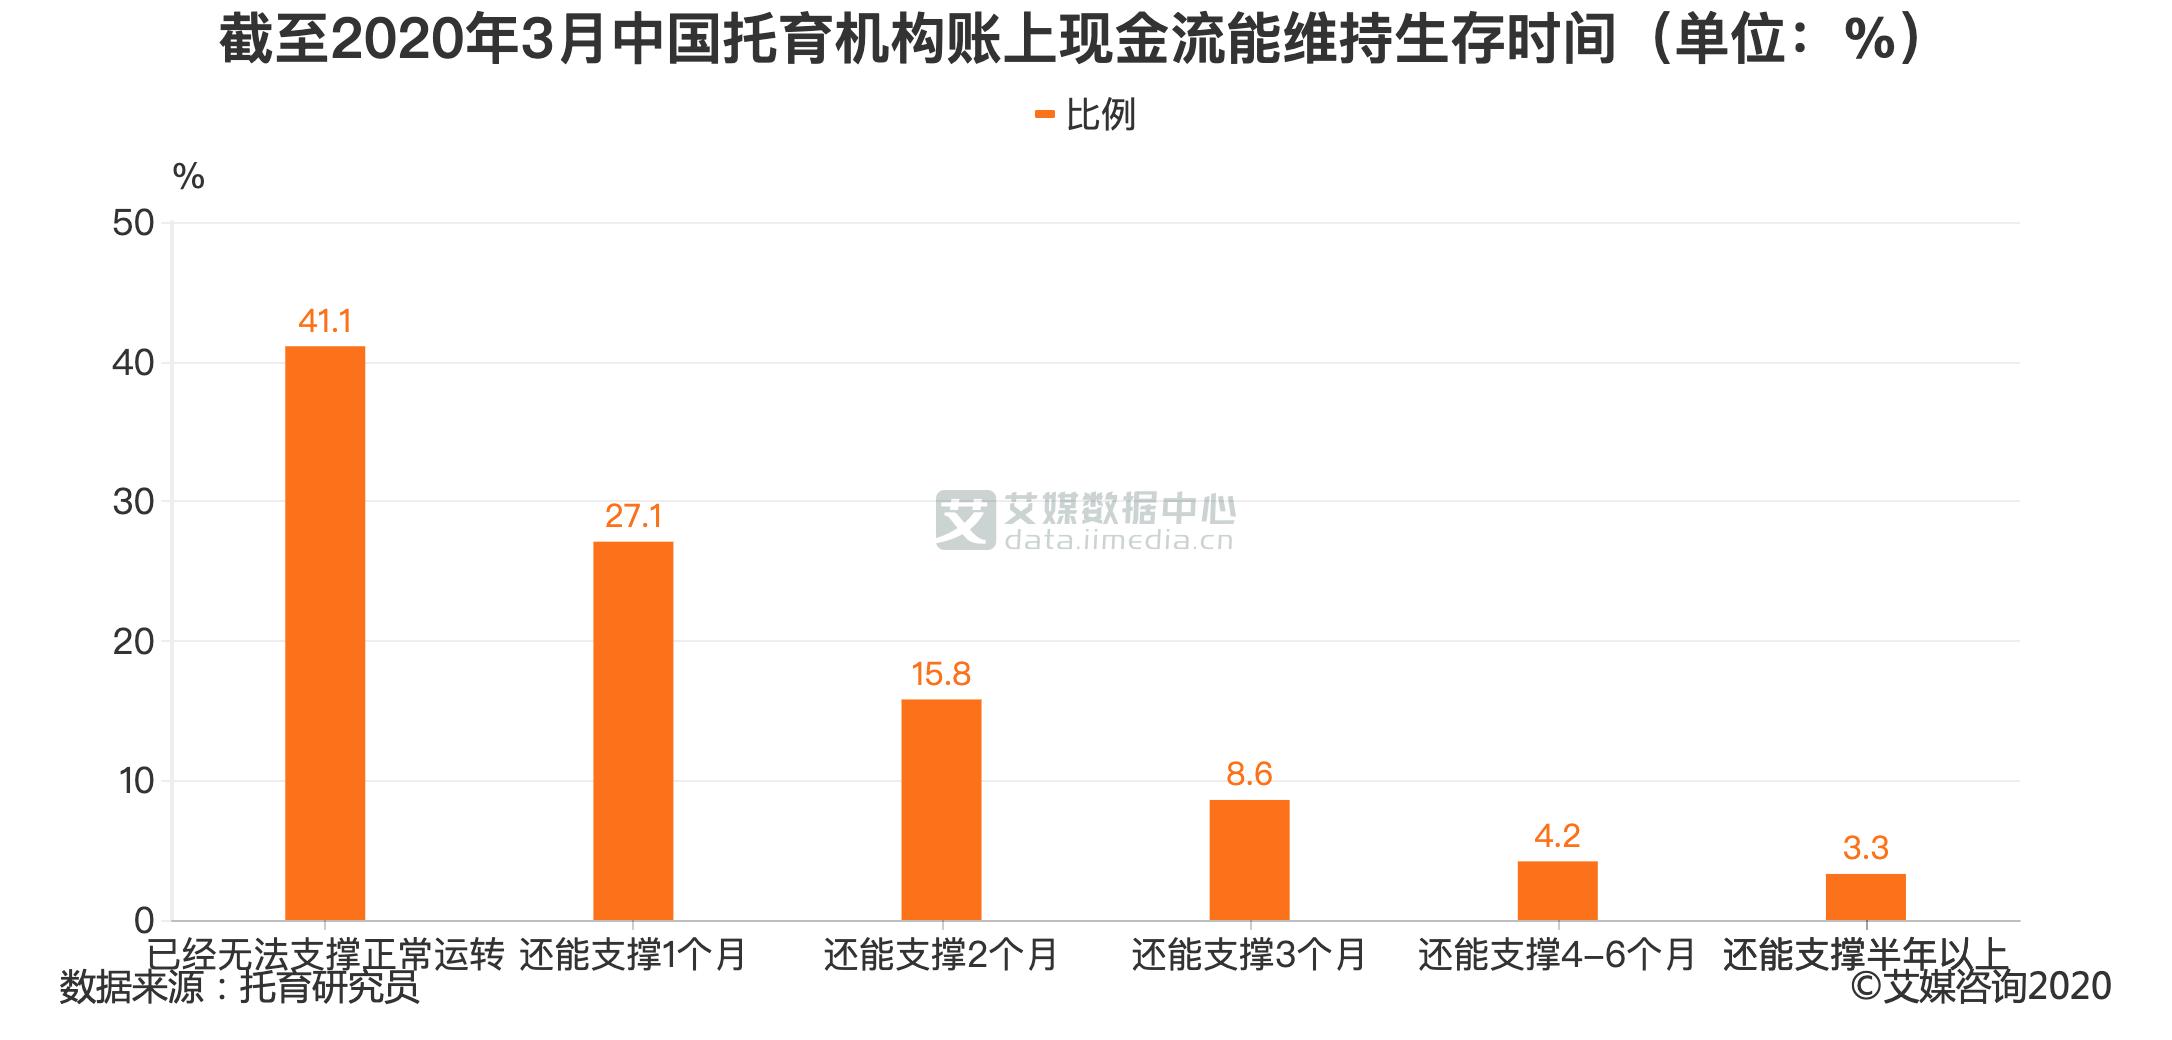 截至2020年3月中国托育机构账上现金流能维持生存时间(单位:%)